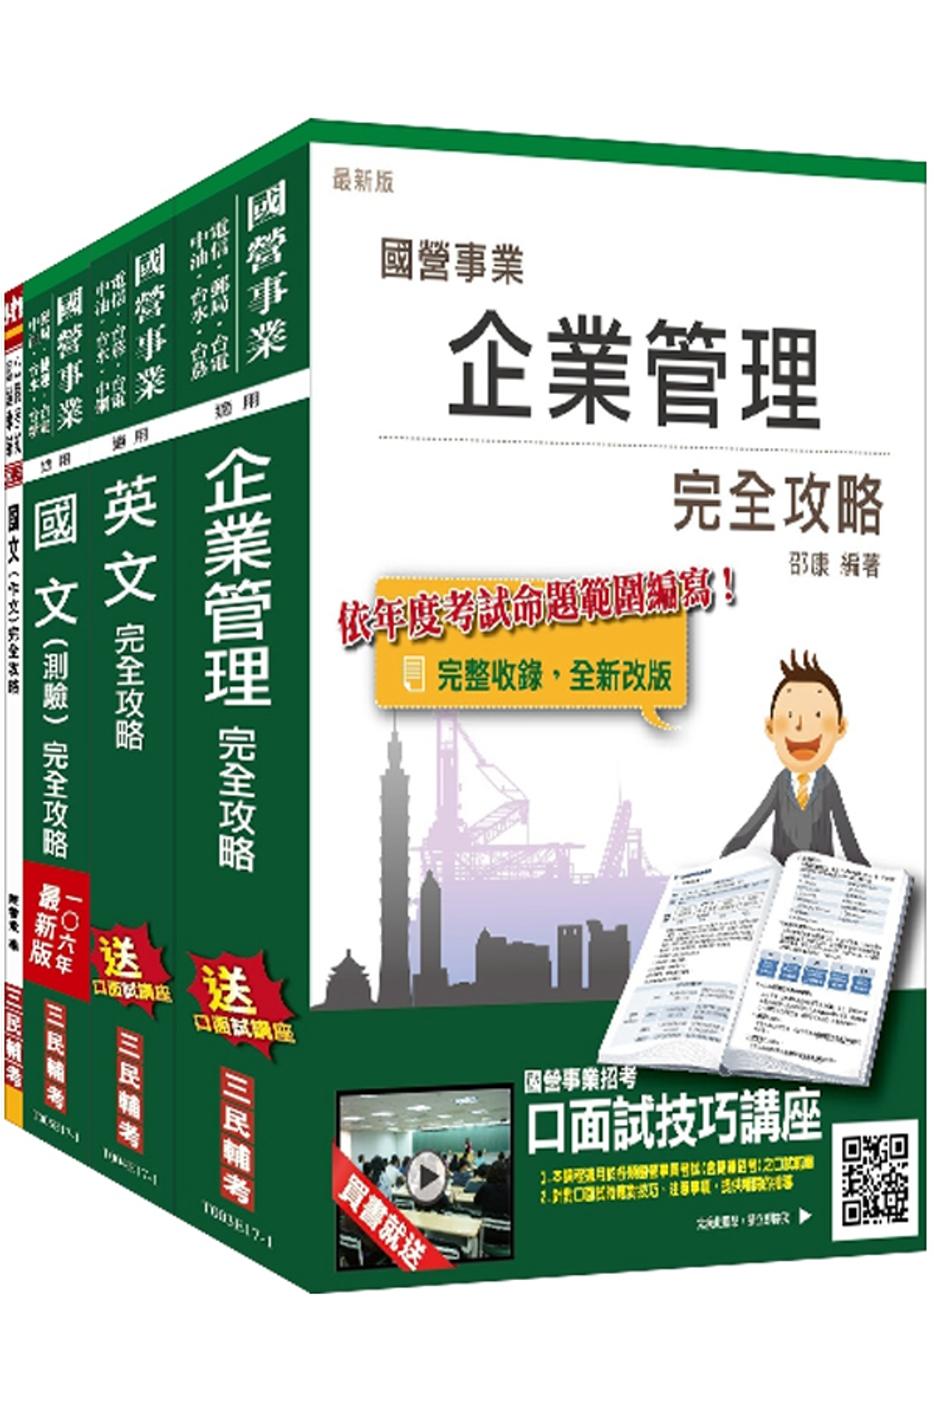 ◤博客來BOOKS◢ 暢銷書榜《推薦》106年漢翔航空師級[人力資源、企劃管理、專案管理、稽核管理]套書(附讀書計畫表)